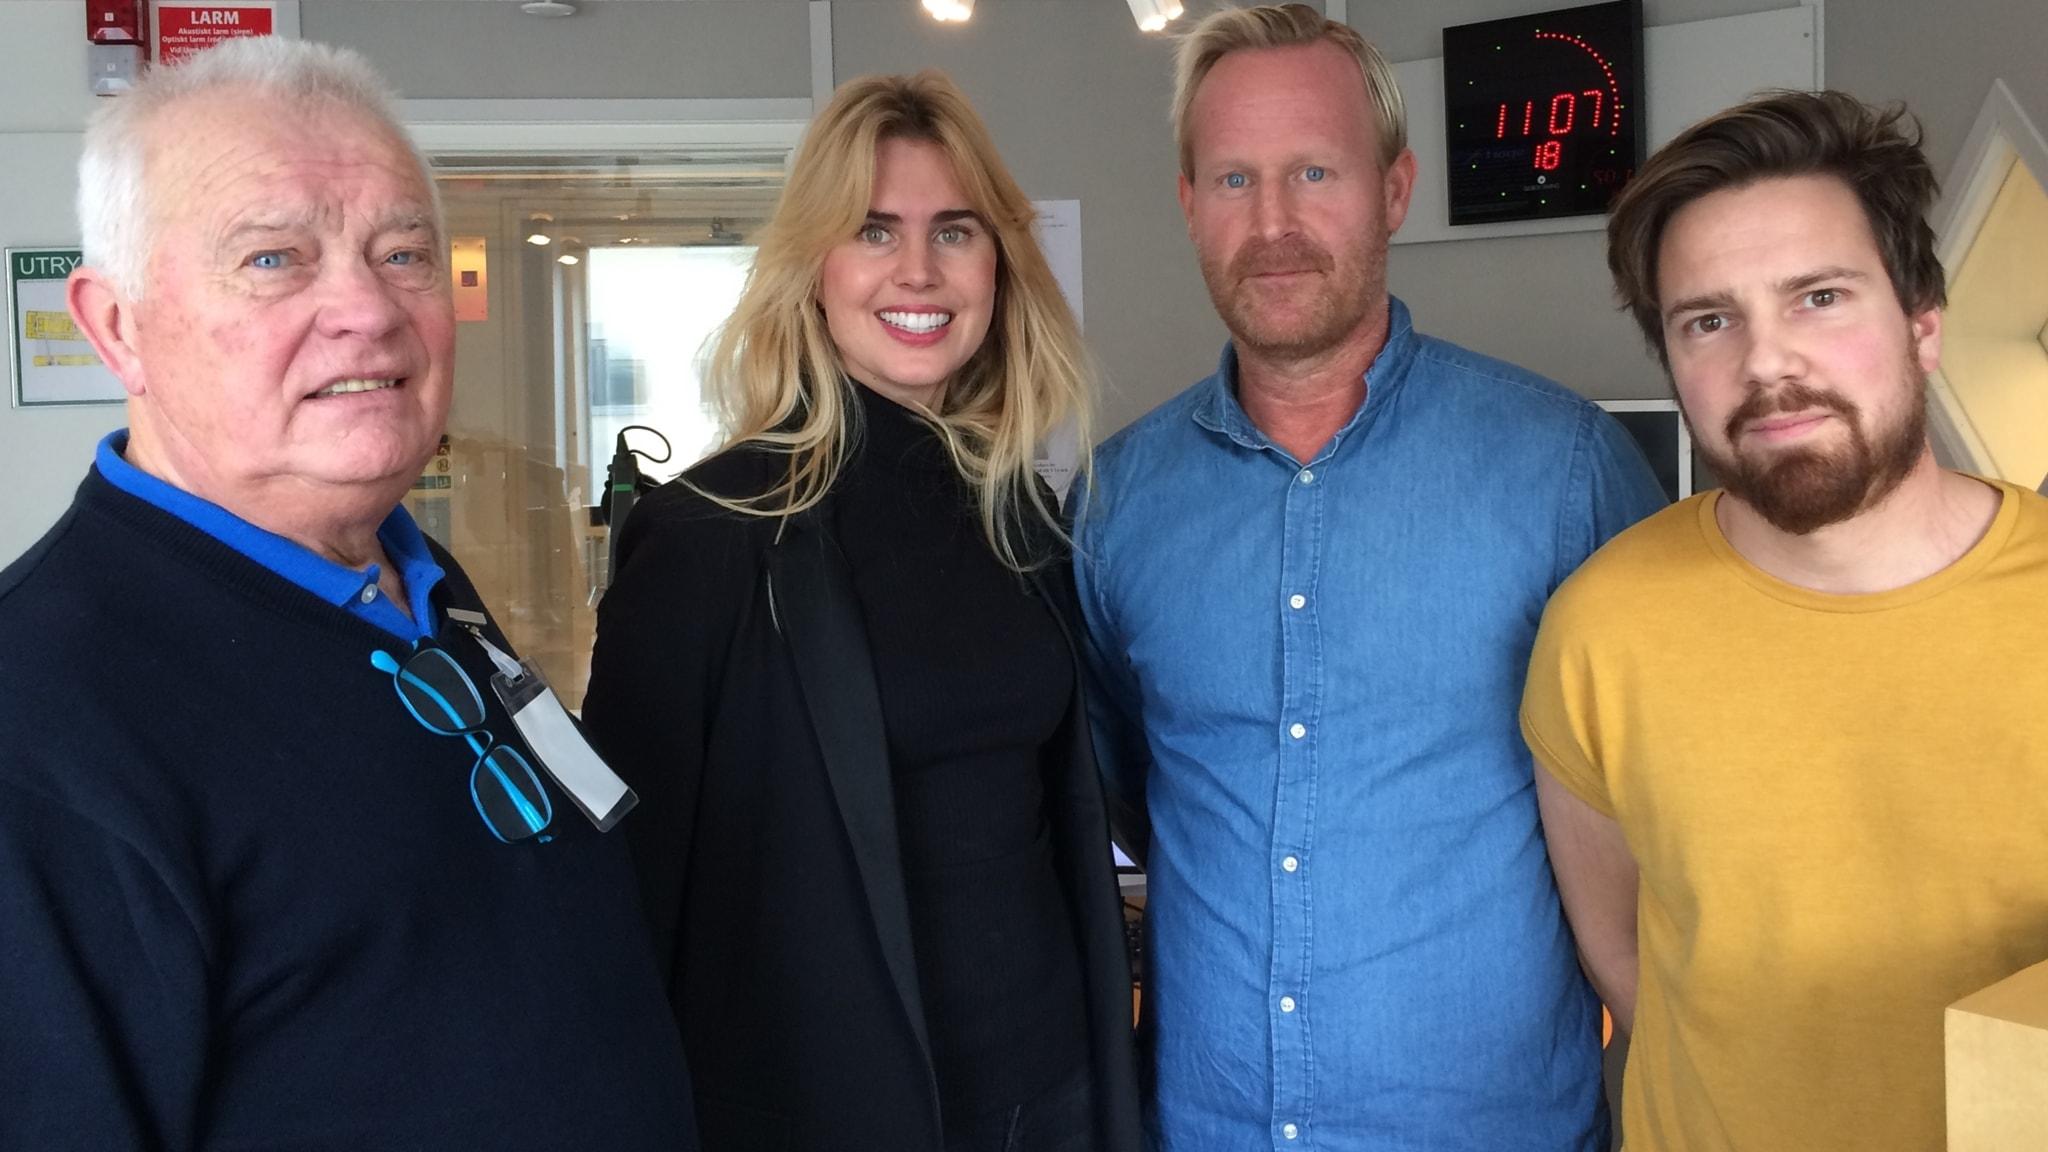 Vilken SHL-klubb kniper Dick Axelsson? Hockeyagent Nina Wennerström är gäst - hockeykrönikör Pelle Johansson vill ha bort